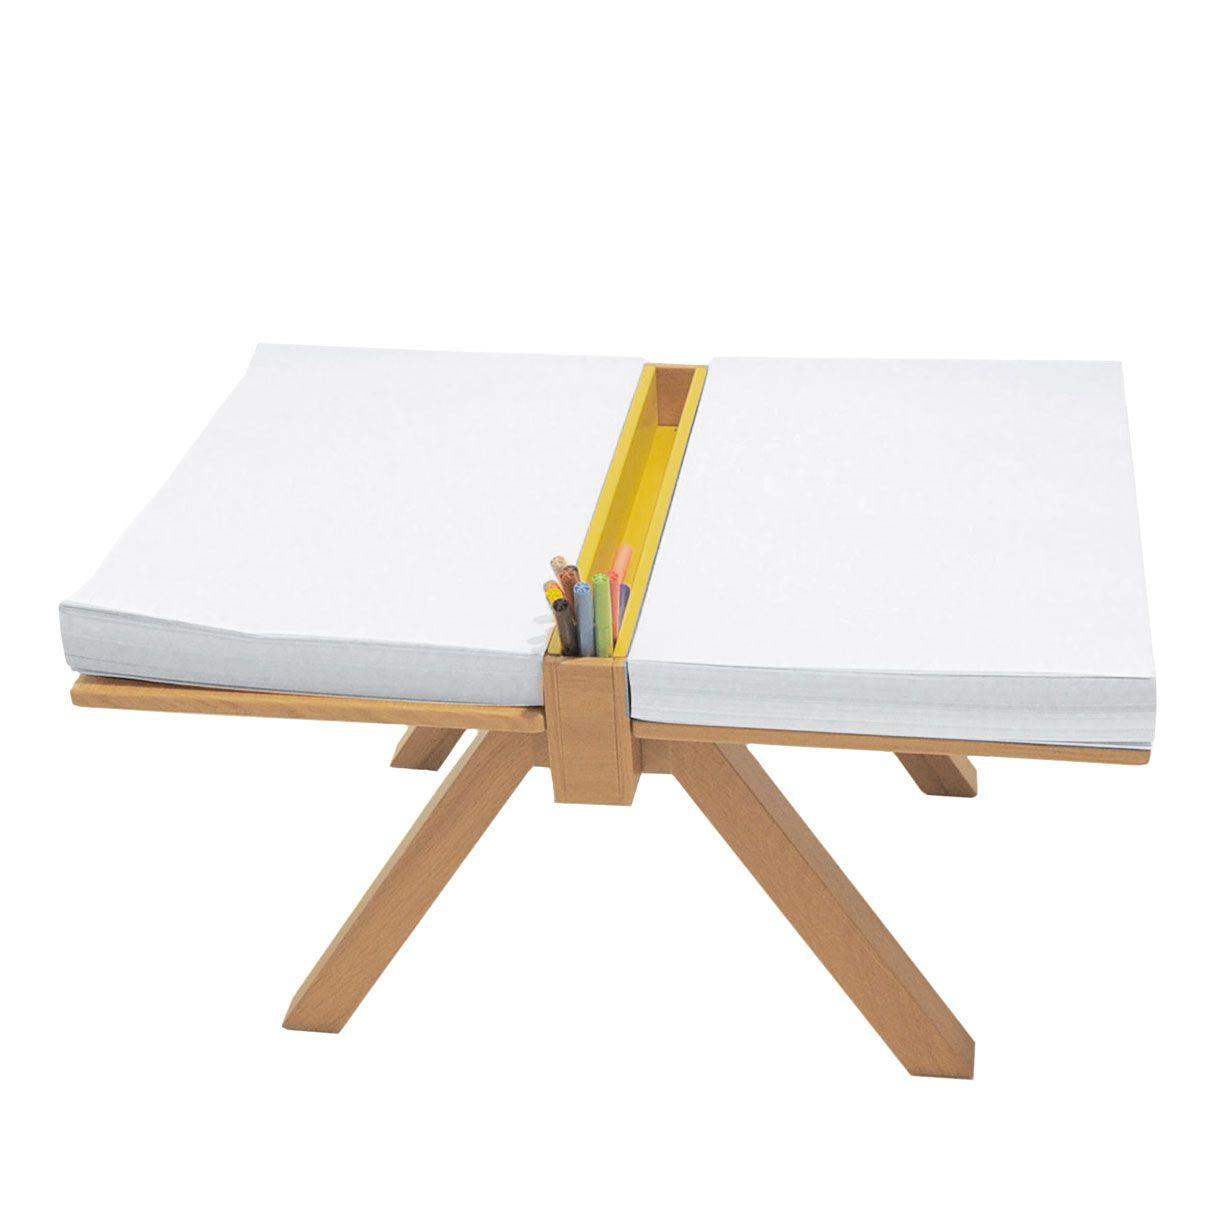 Foglio proposto da domodinamica un tavolino da disegno - Tavolino legno bambini ...